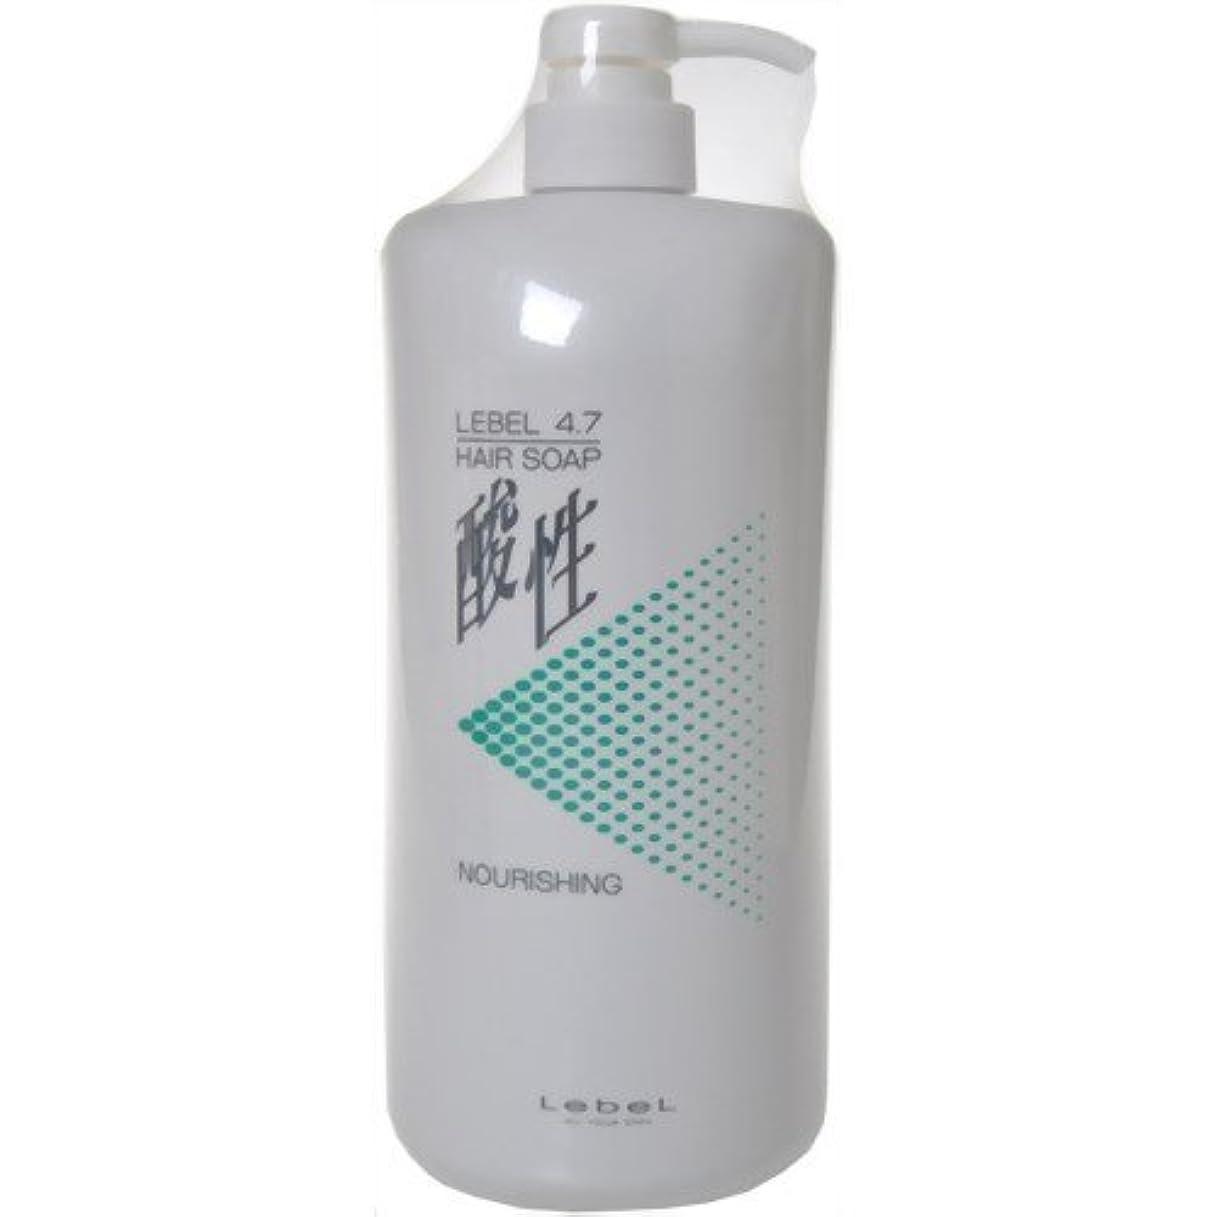 ホールドドアミラーアリスLebeL(ルベル) 4.7酸性ヘアソープ ナリシング 1200ml